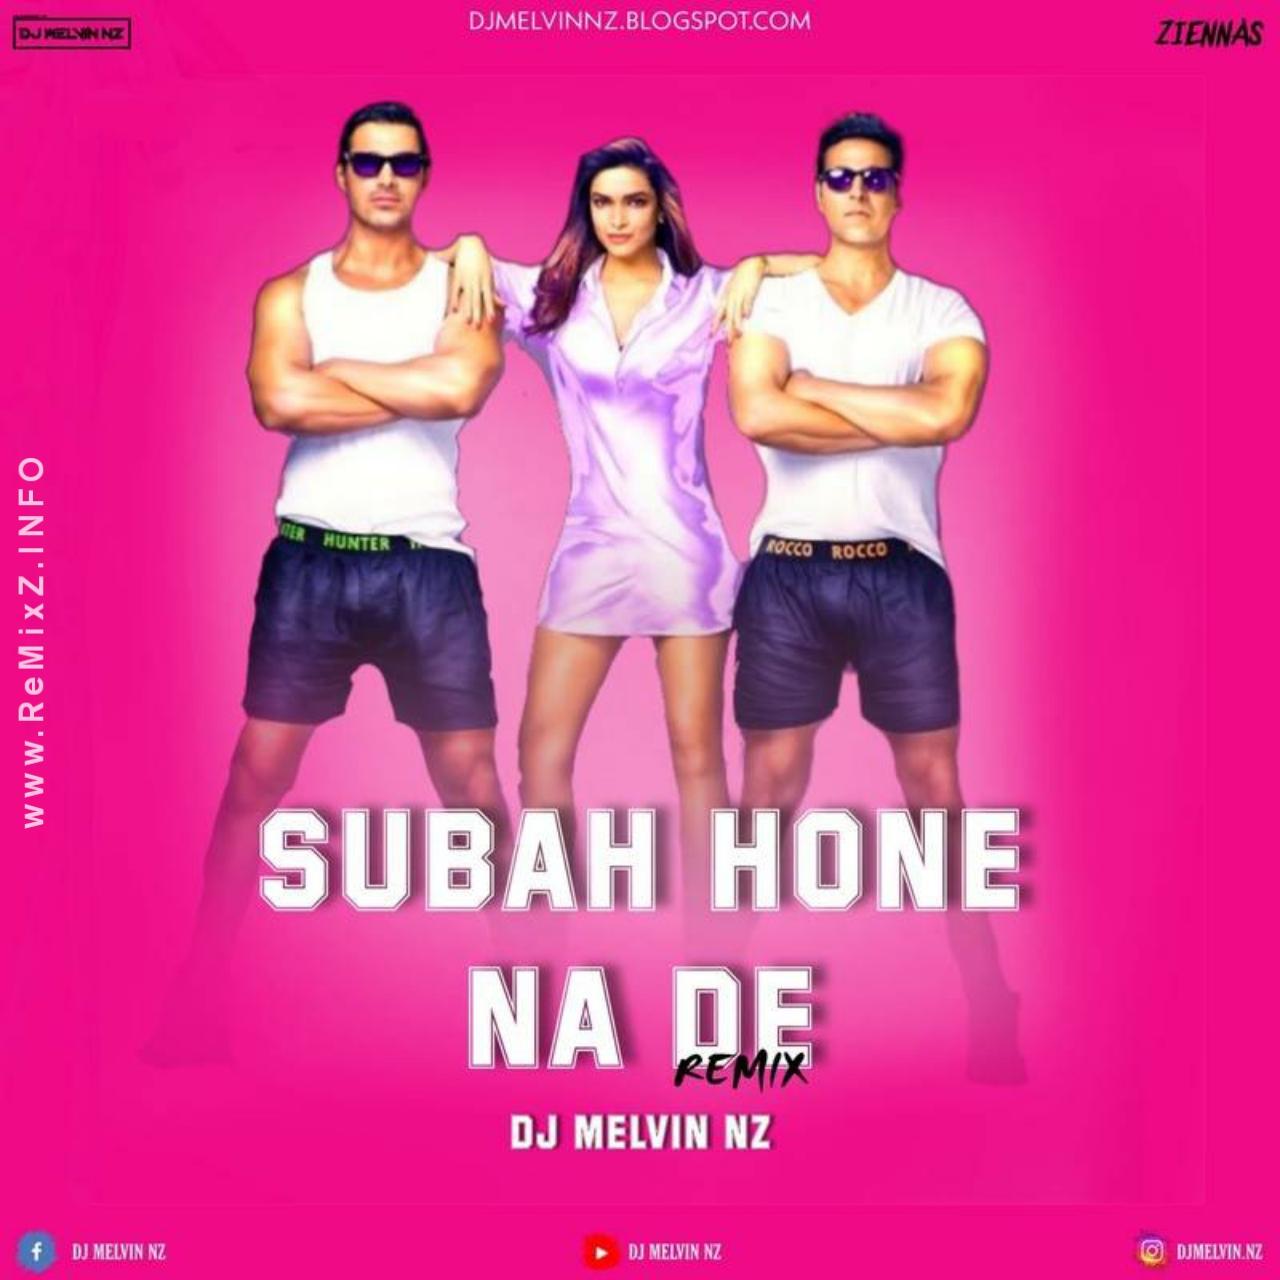 subha-hone-na-de-remix-dj-melvin-nz.jpg